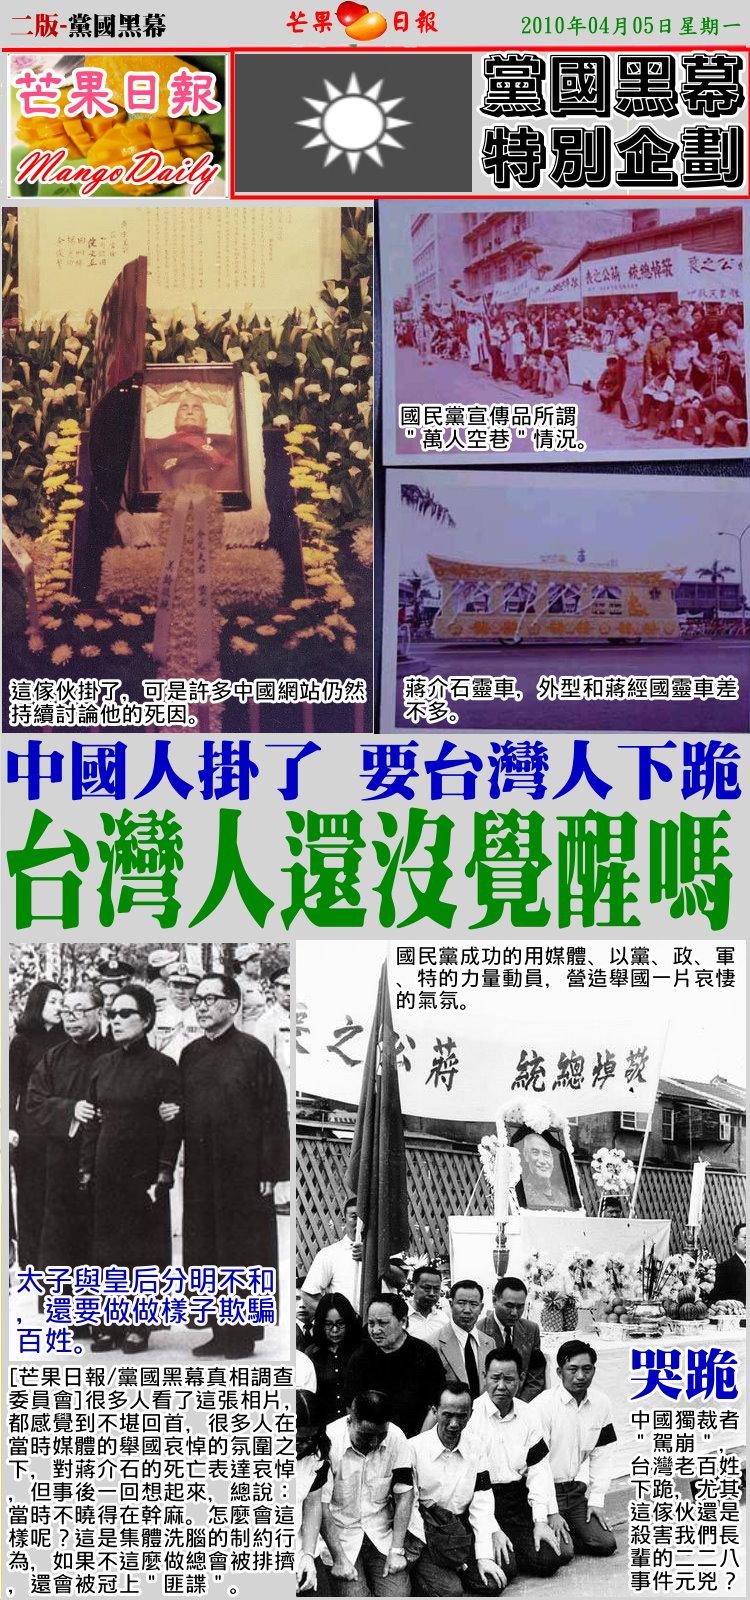 200405芒果日報黨國黑幕--蔣介石掛了,造神愚行